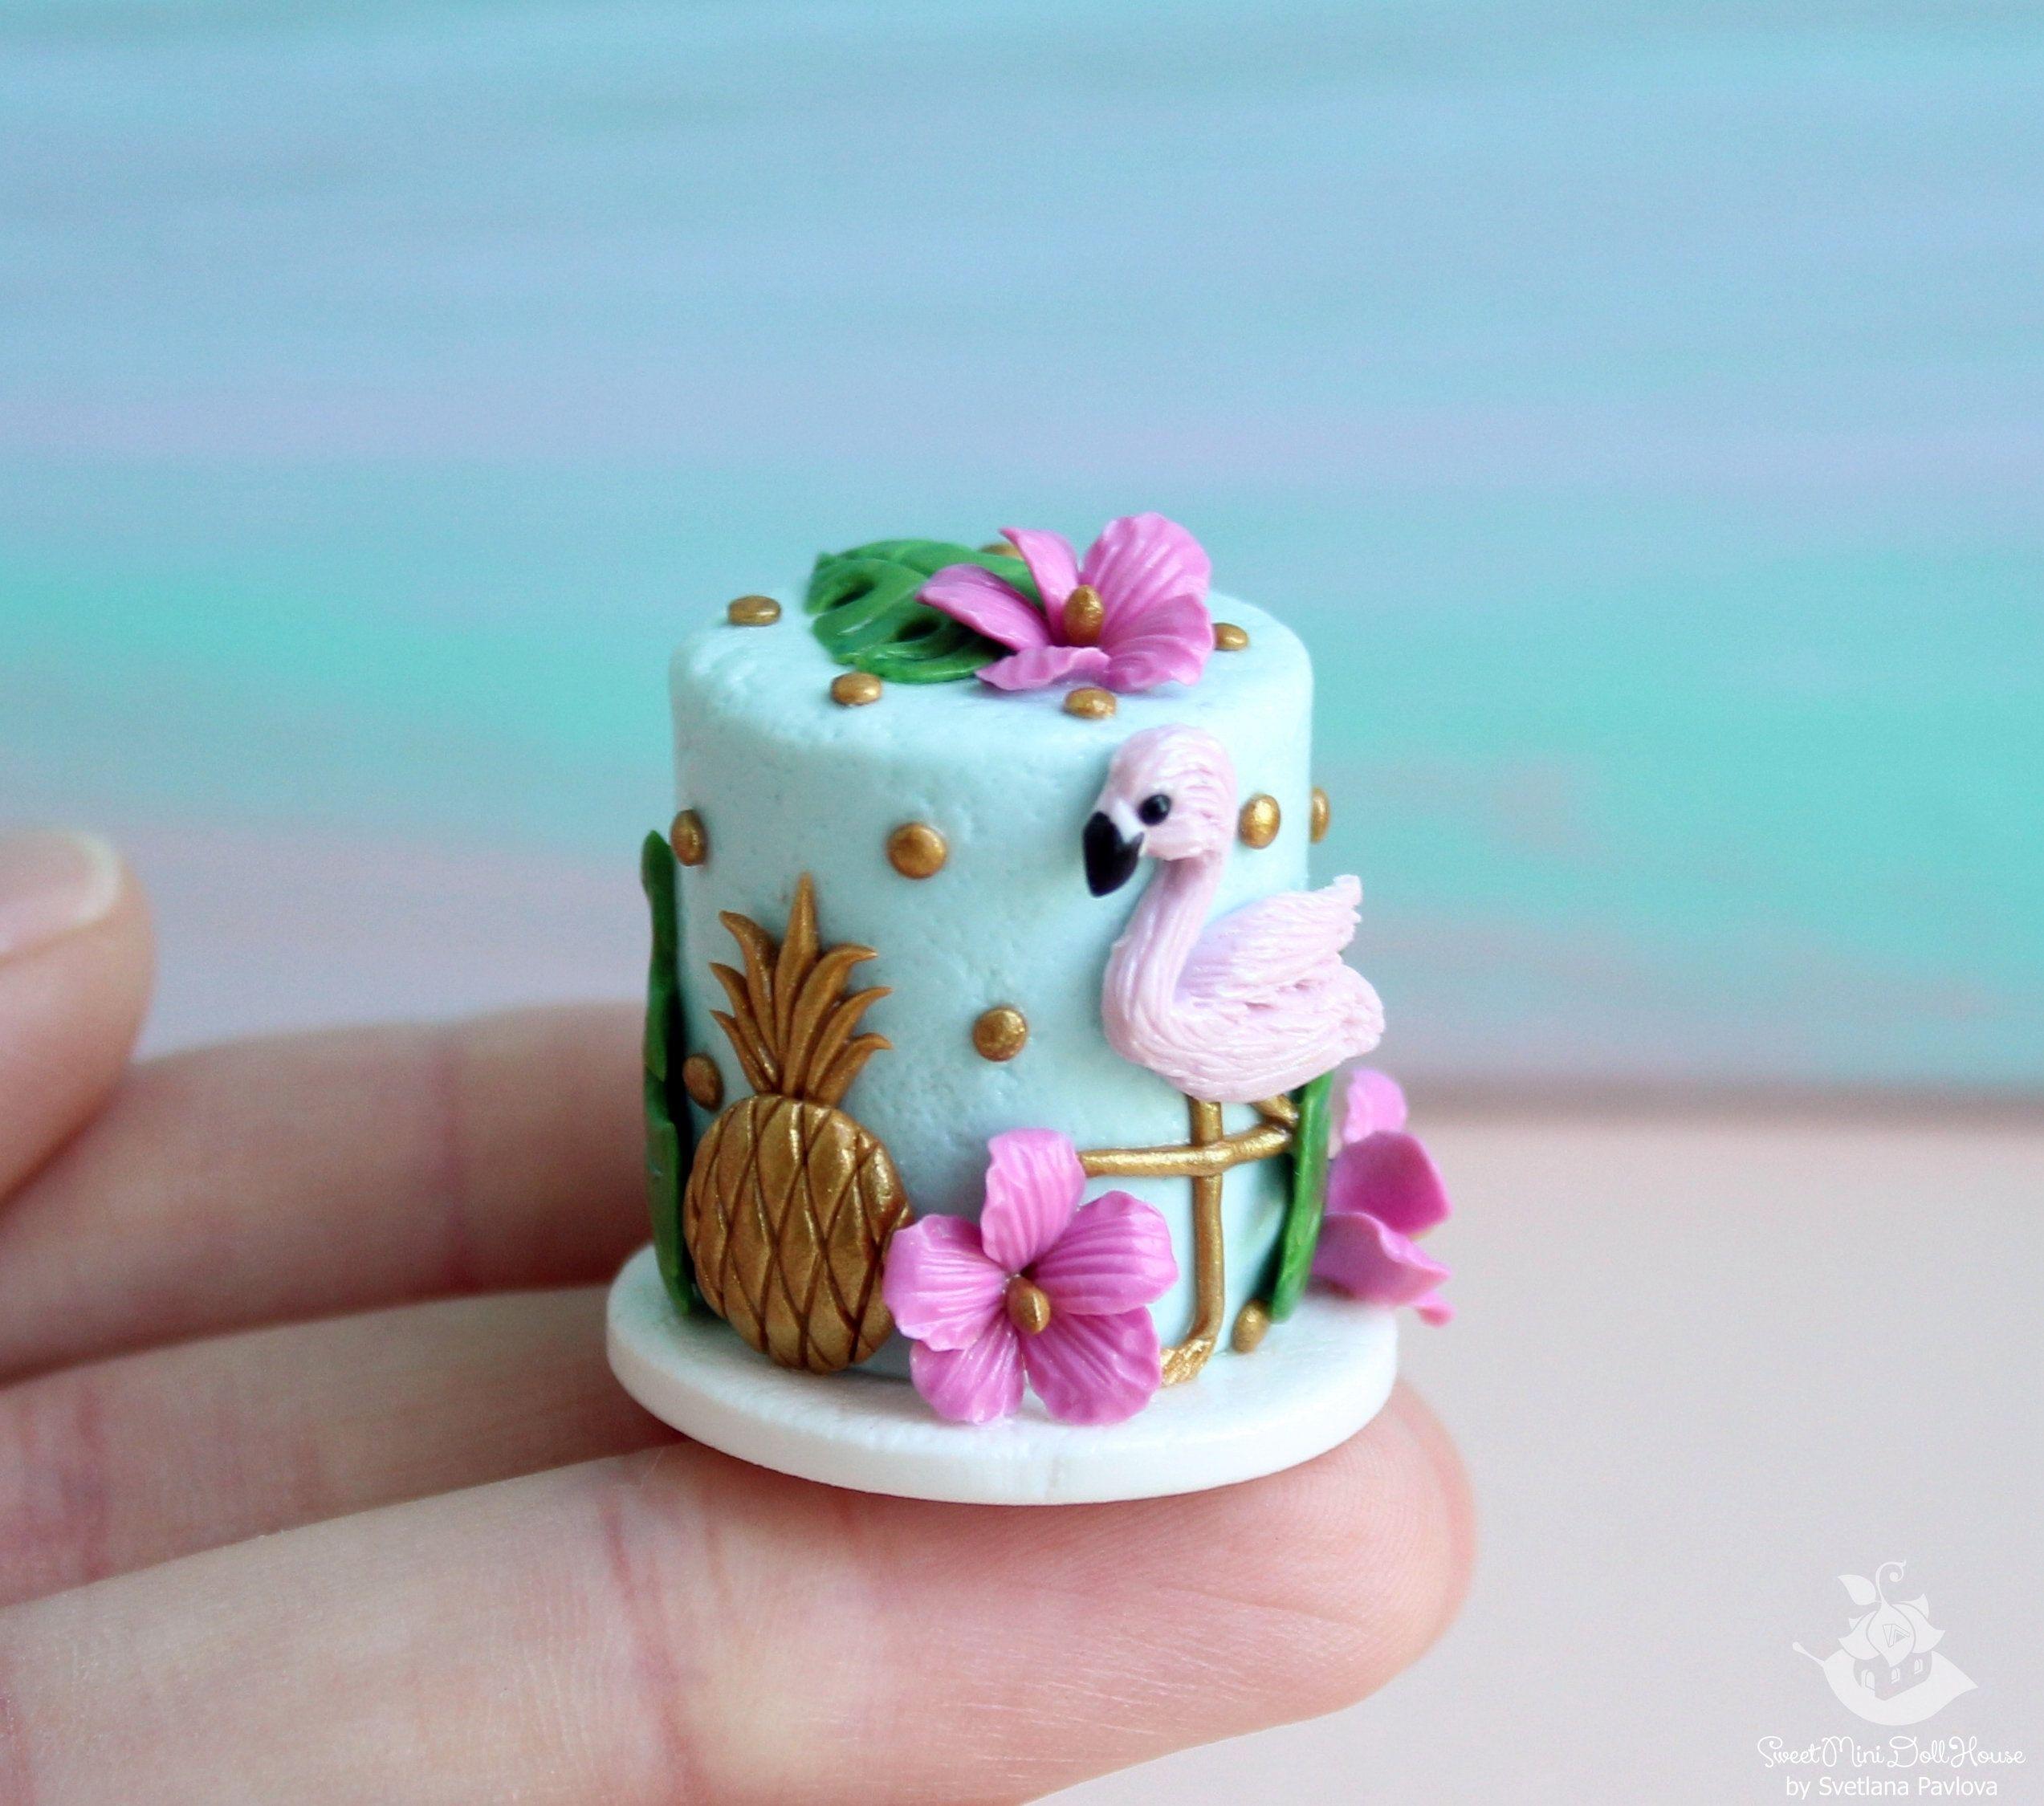 С днем рождения картинки с тортиком и шарами можно только